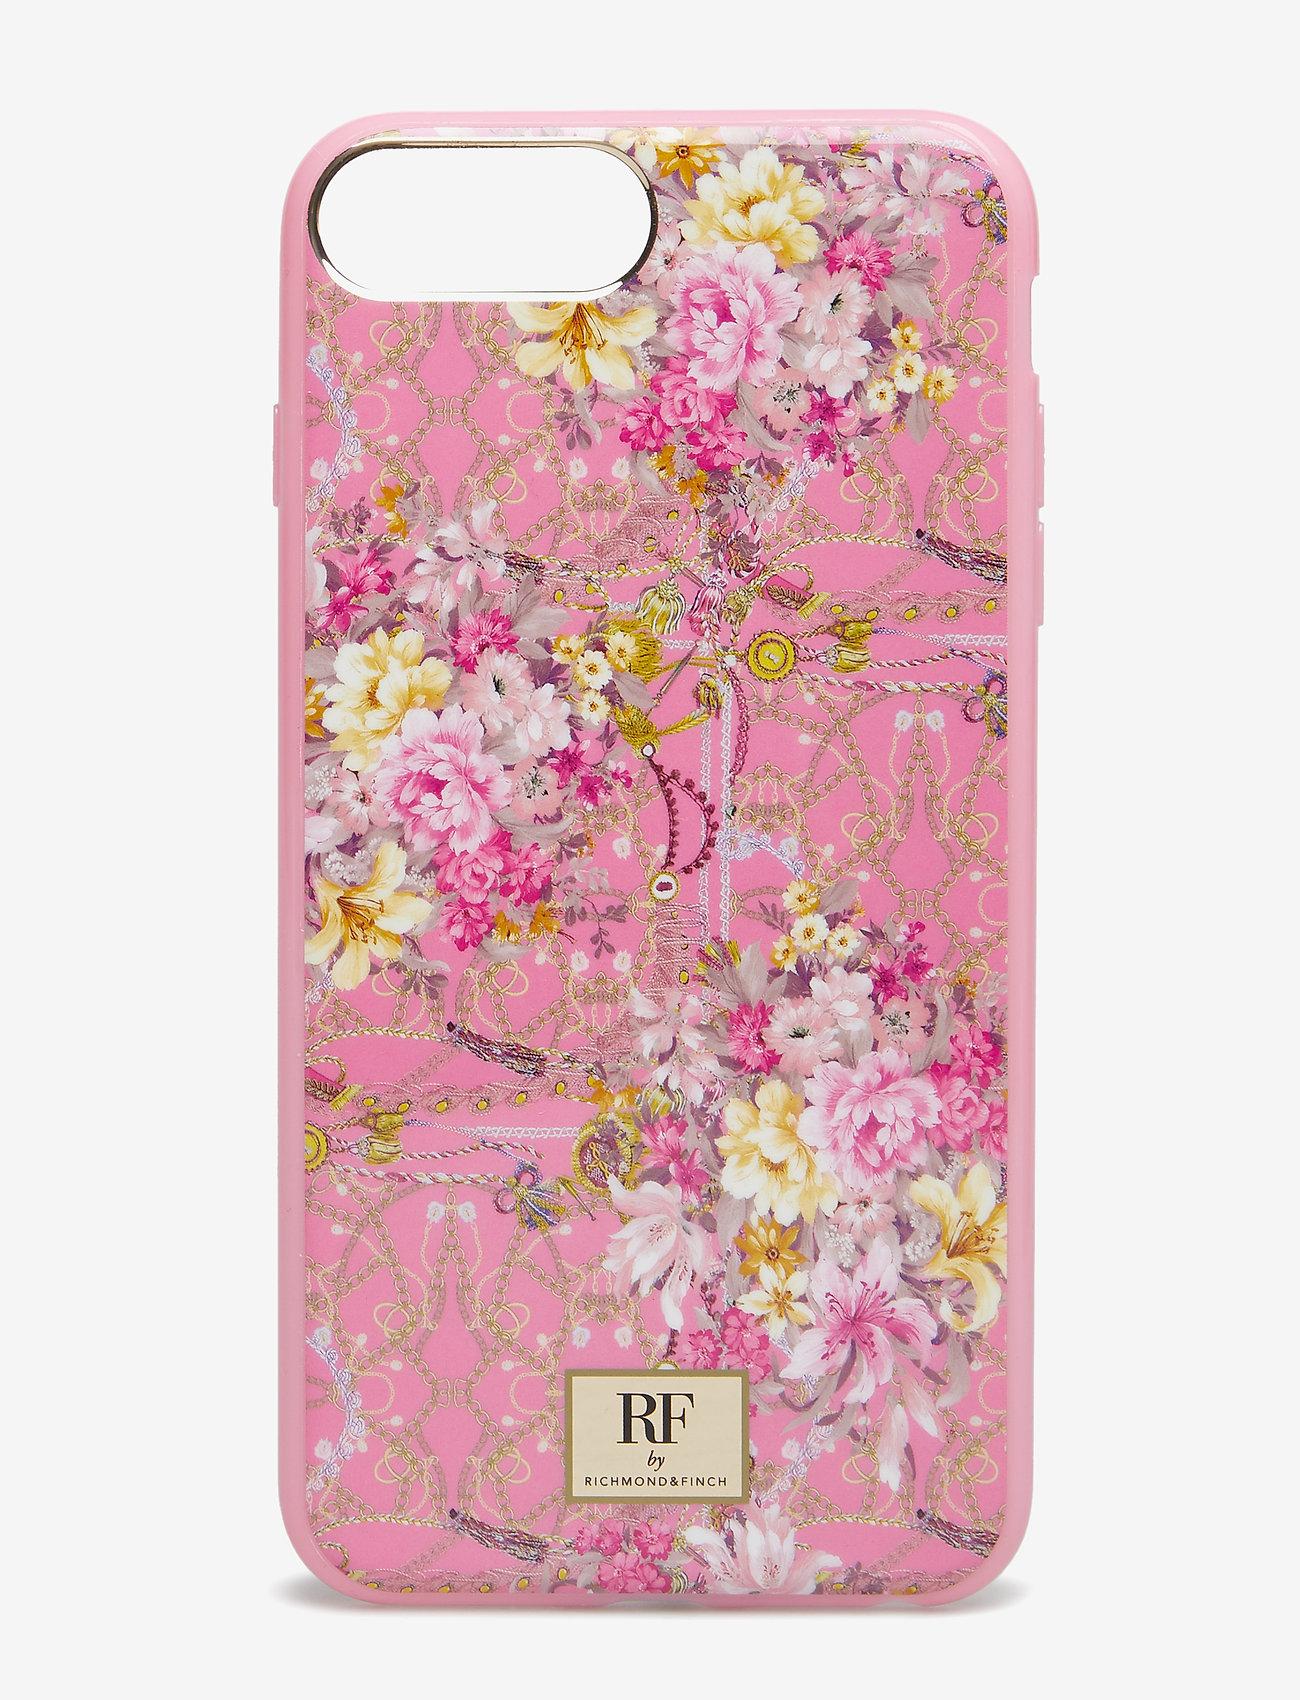 Richmond & Finch - Floral Chain - mobile accessories - multi colored